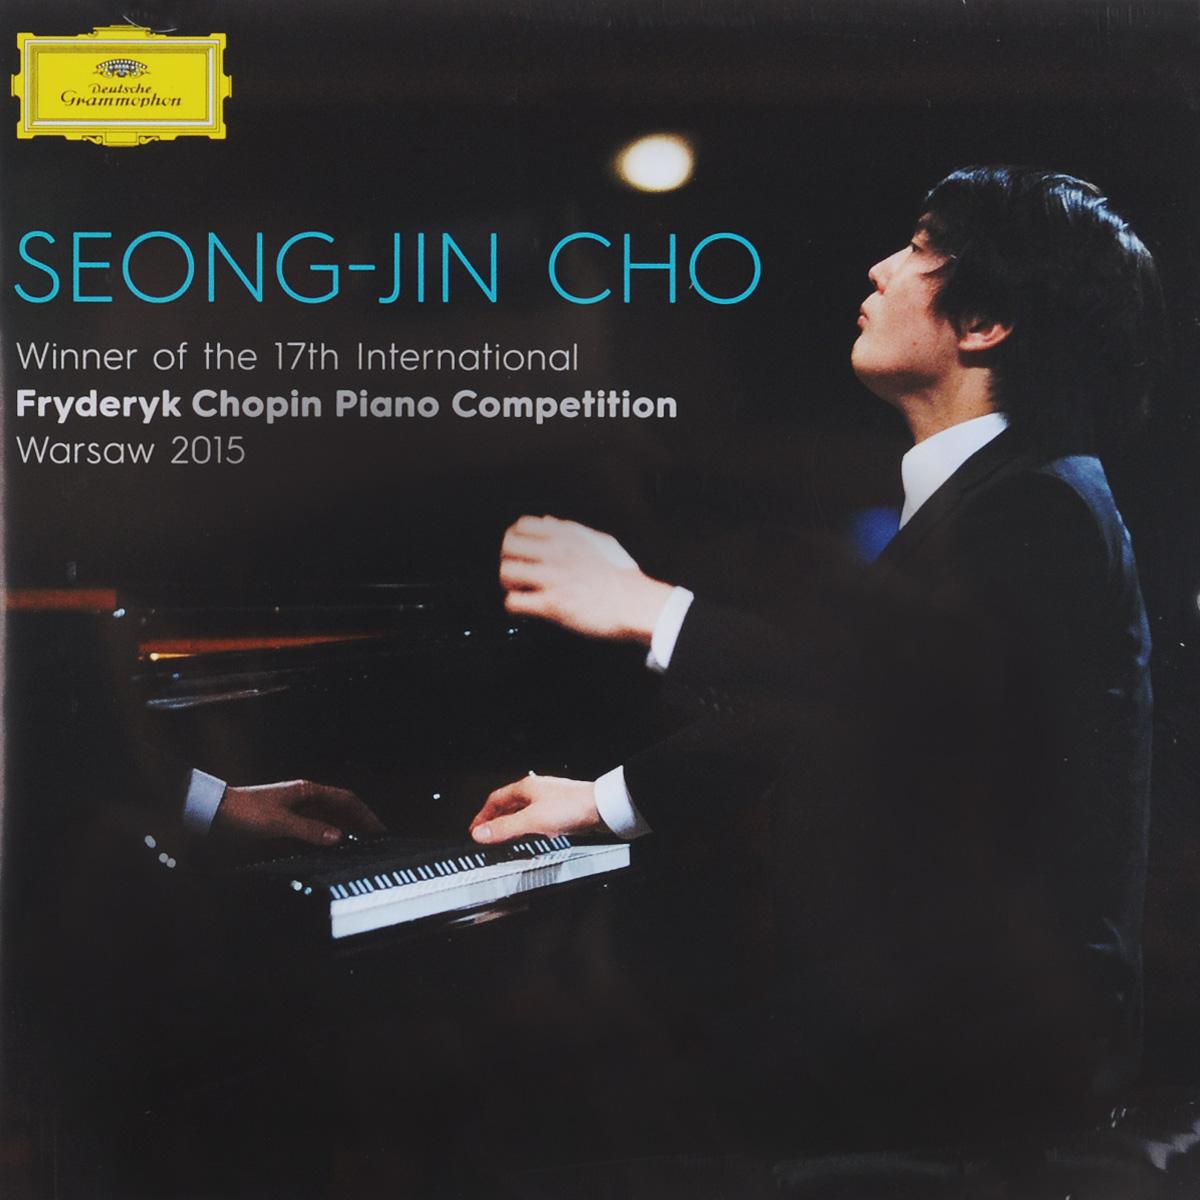 Сон Чжин Чо Seong-Jin Cho. Chopin. Winner of 17th International Chopin Piano Competition Warsaw 2015. Live warsaw miniguide